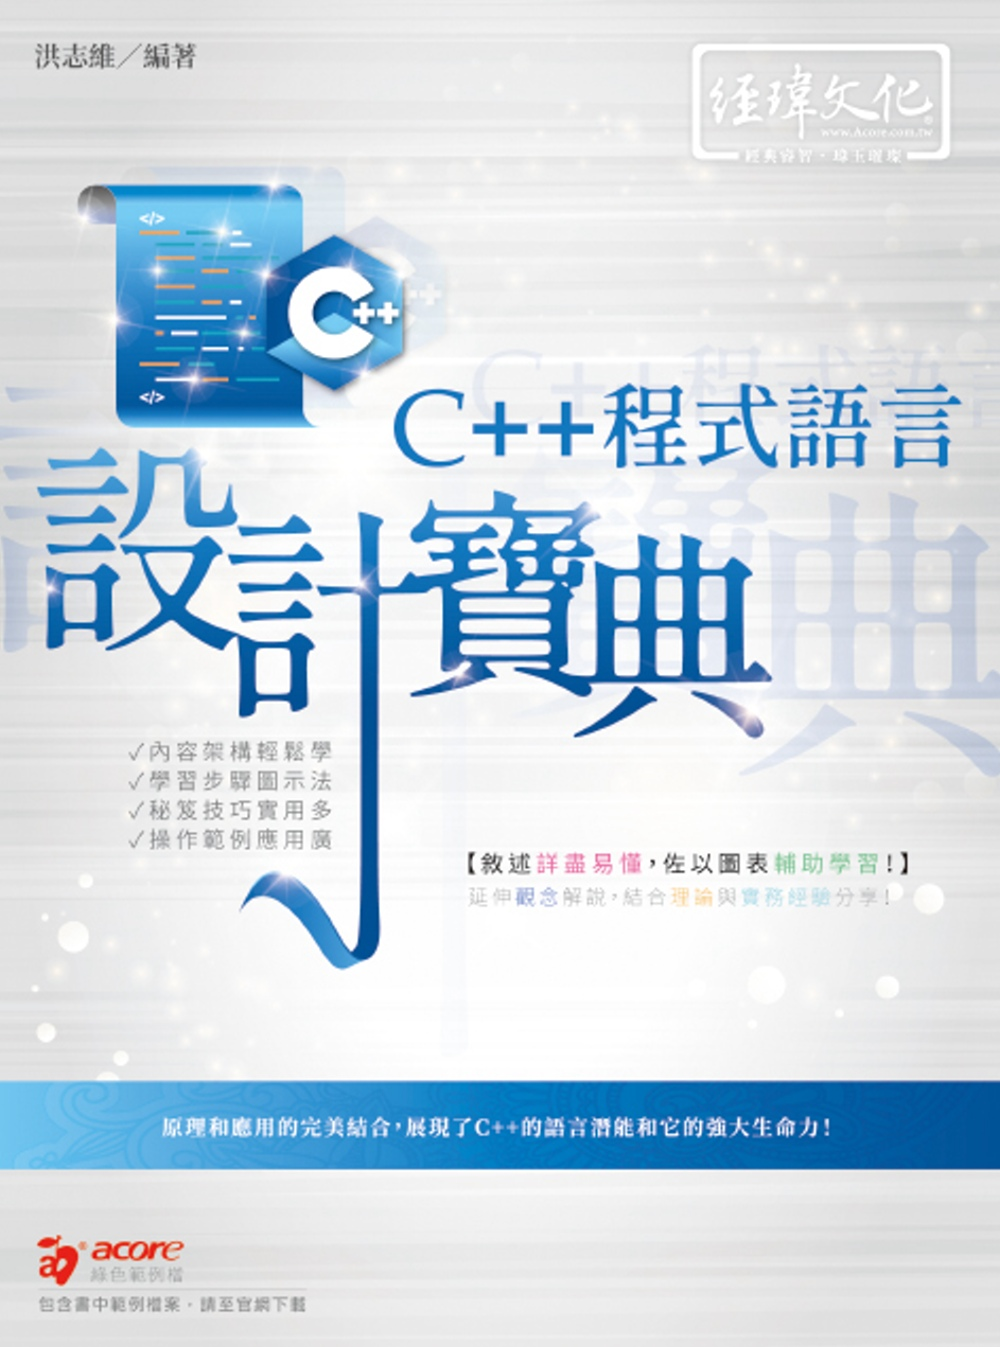 C++ 程式語言 設計寶典